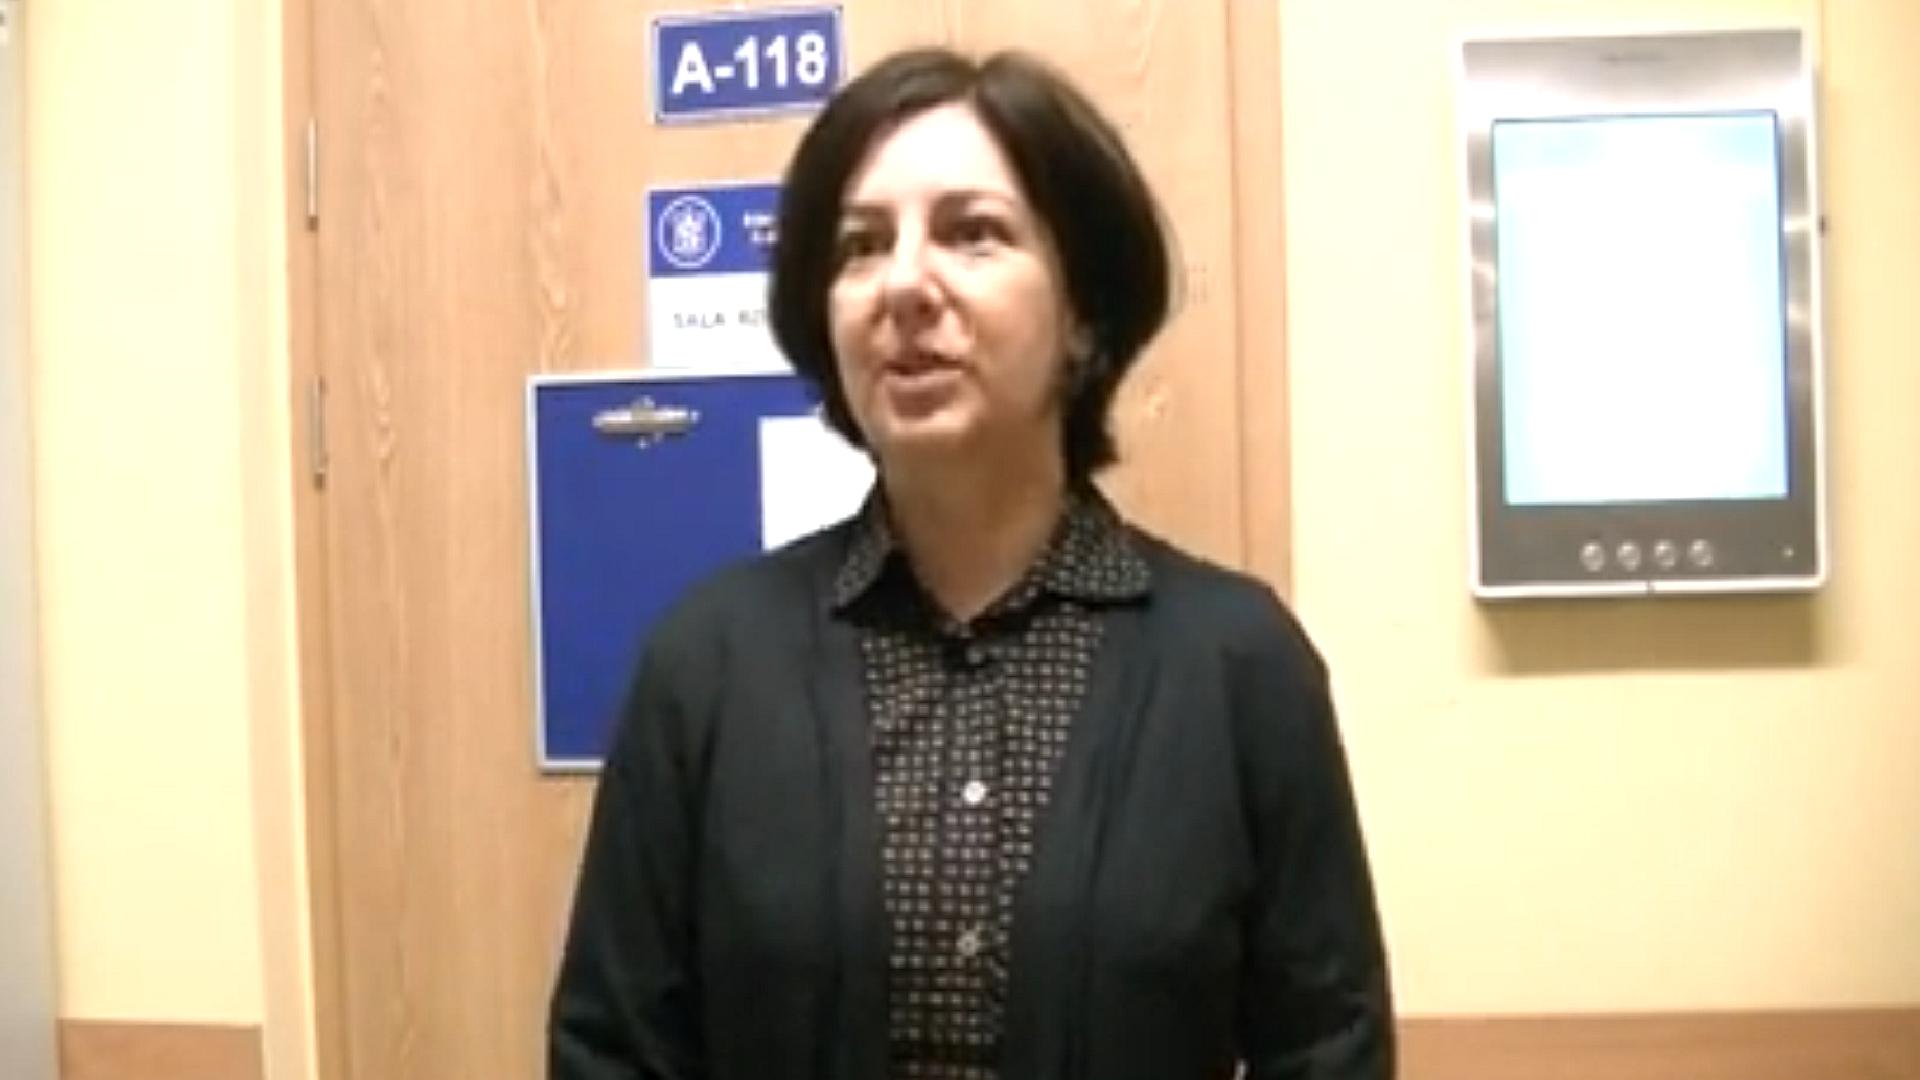 WOLNY CZYN: Represje za obronę imienia Polski: dr Monika Bieniek (UJ)